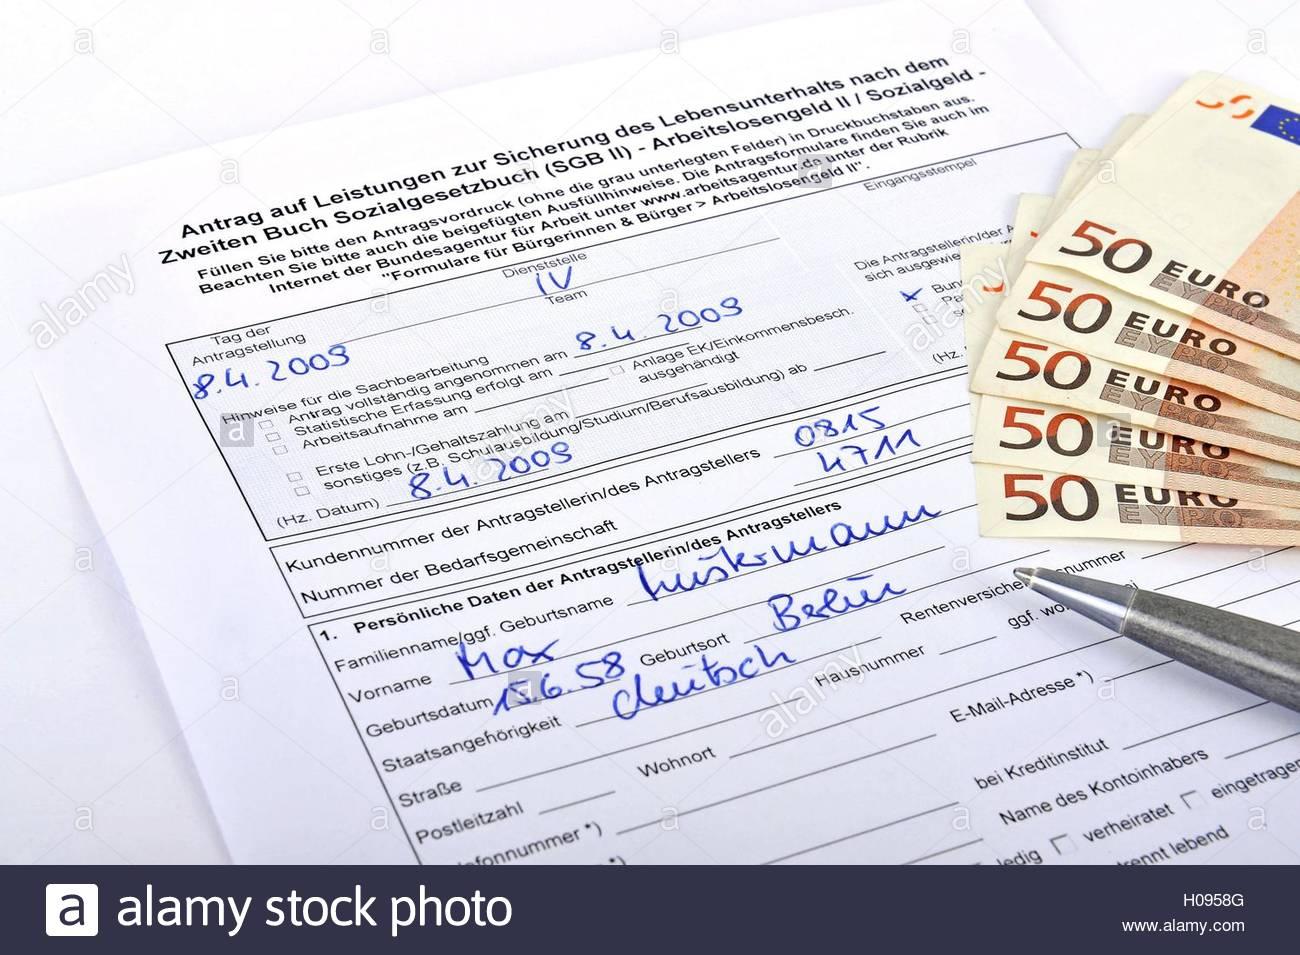 Arbeitslosengeld 1 antrag